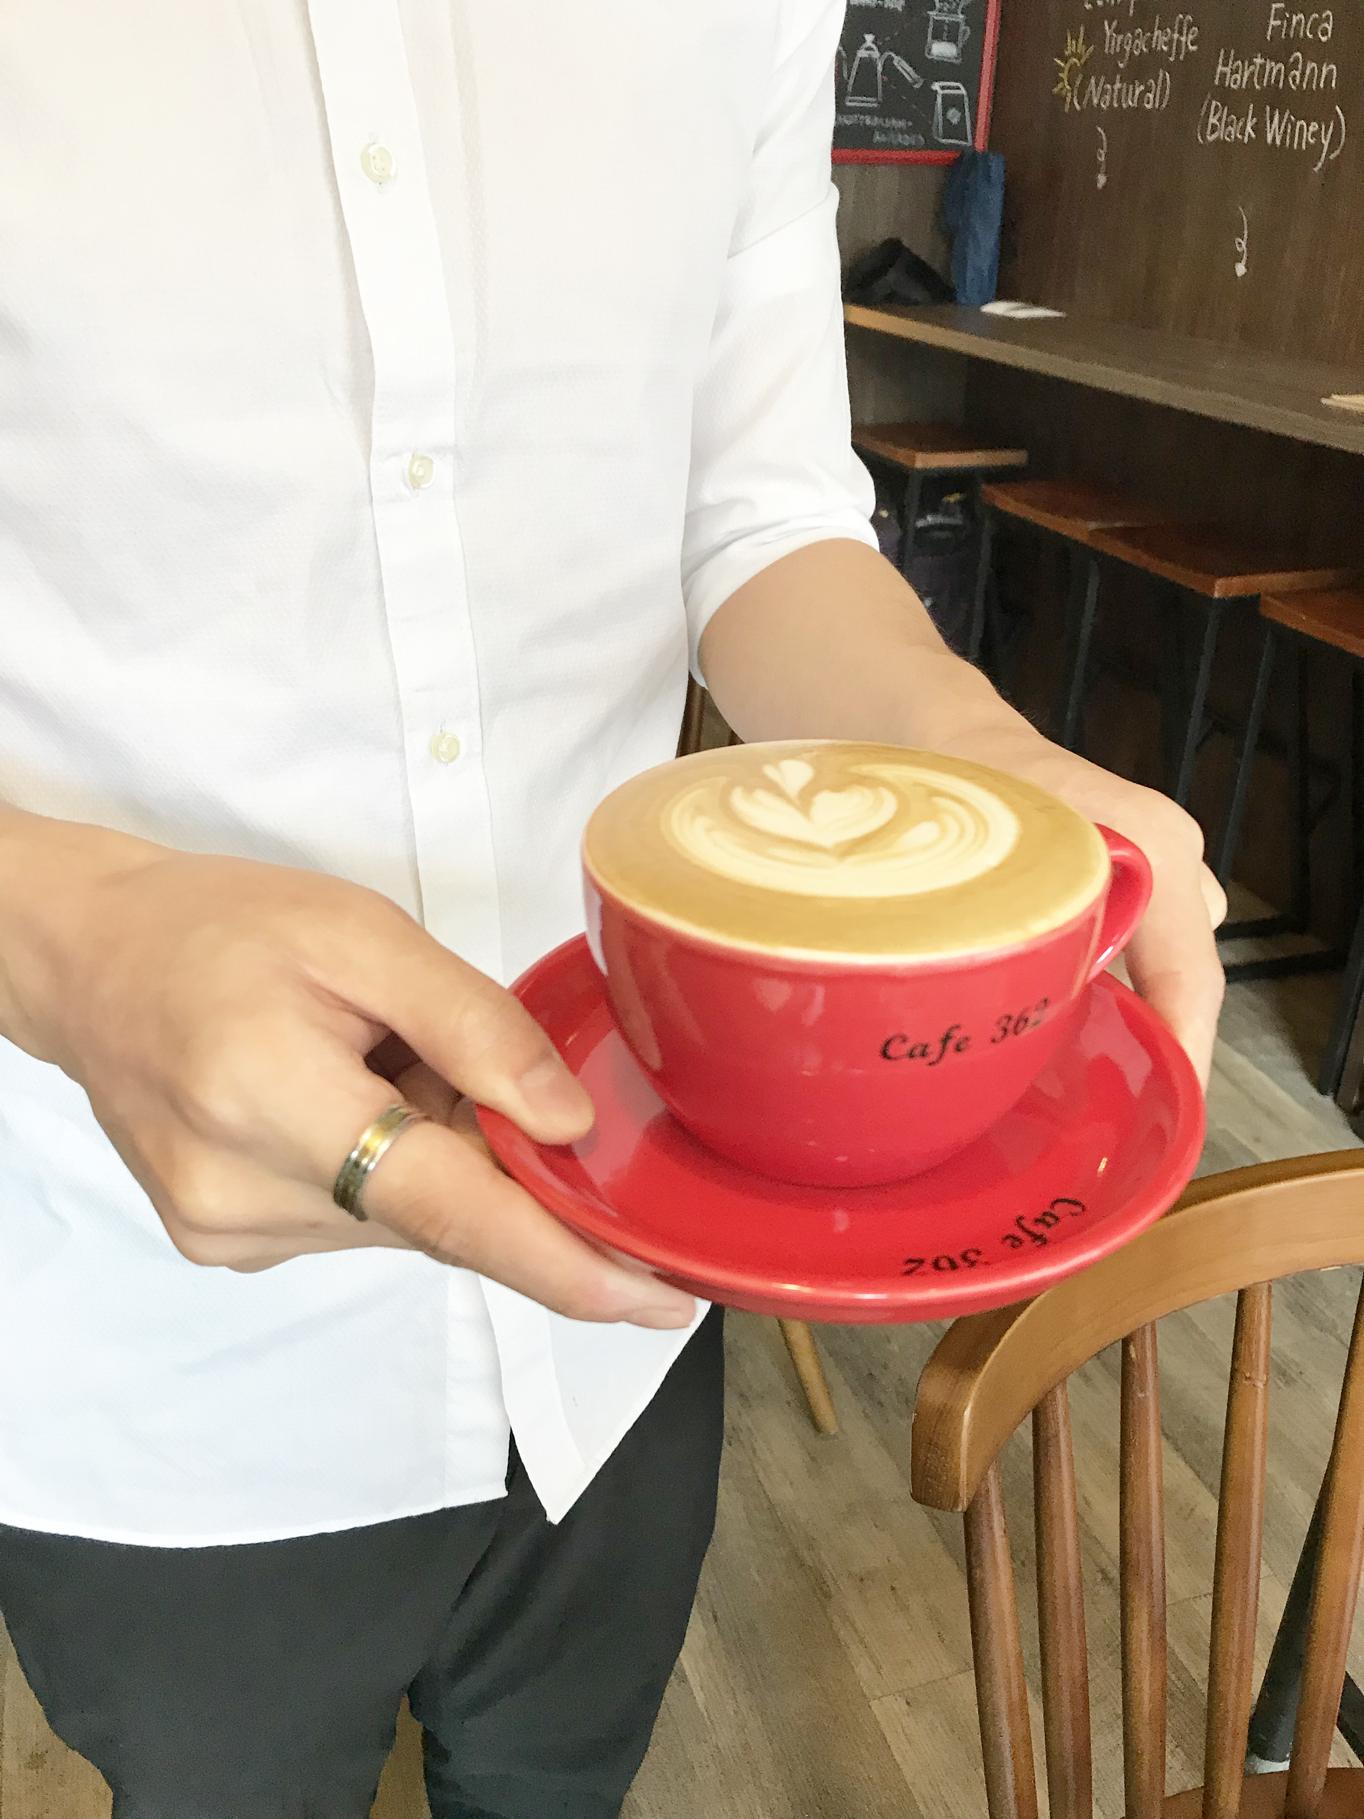 Café 362